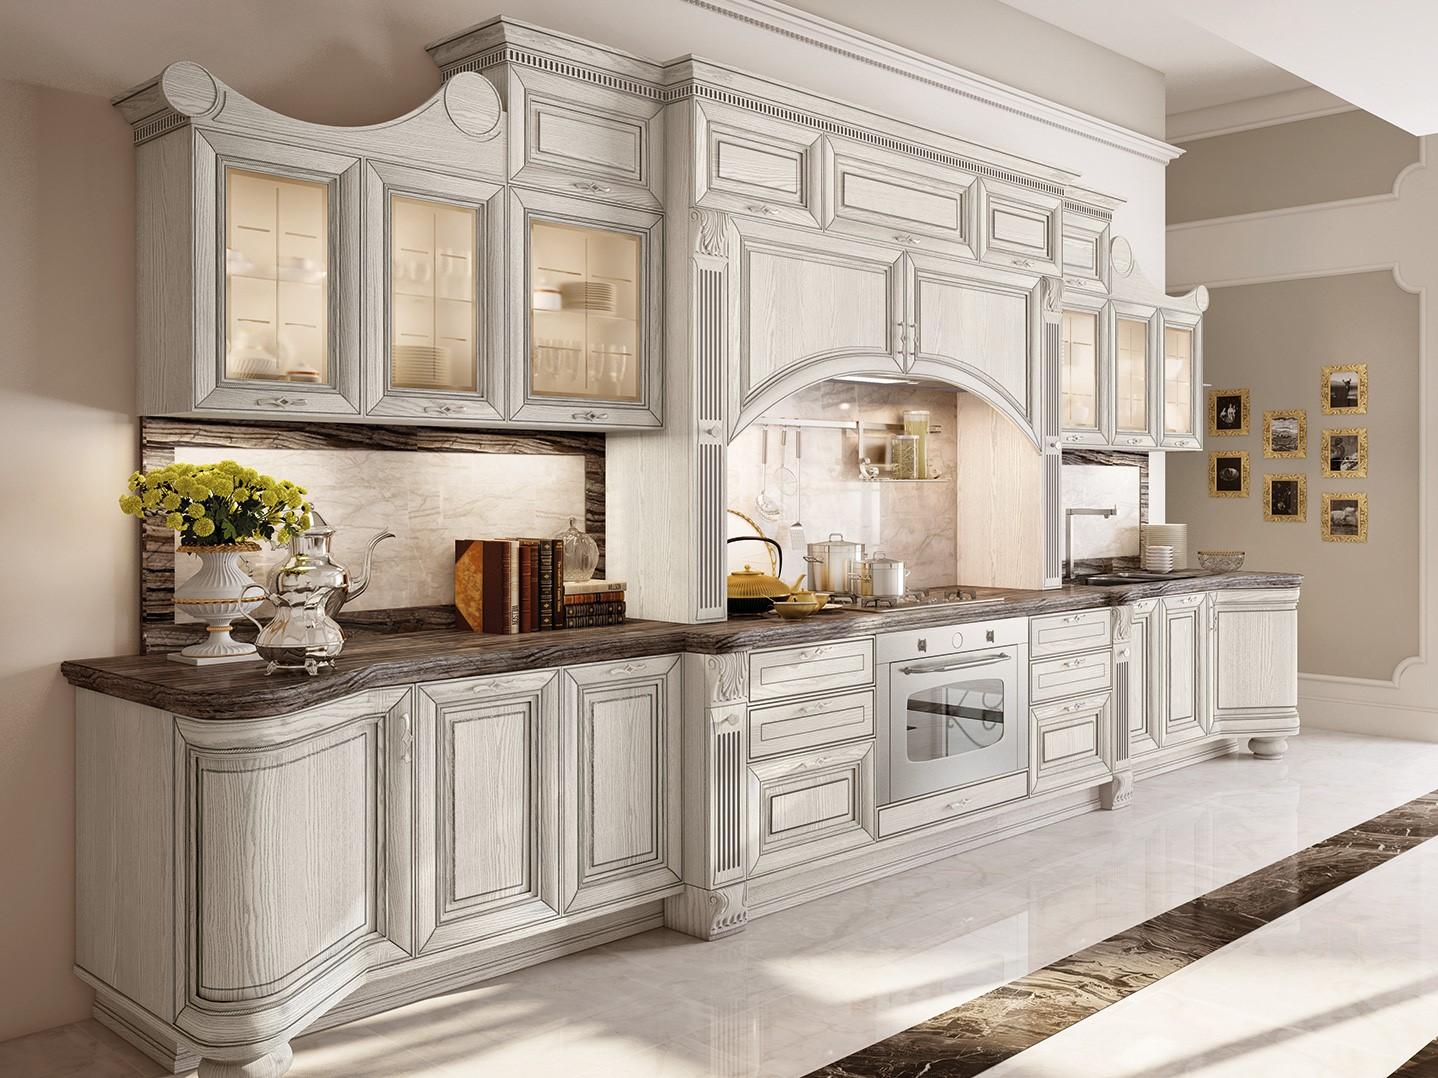 итальянская кухонная мебель фото для